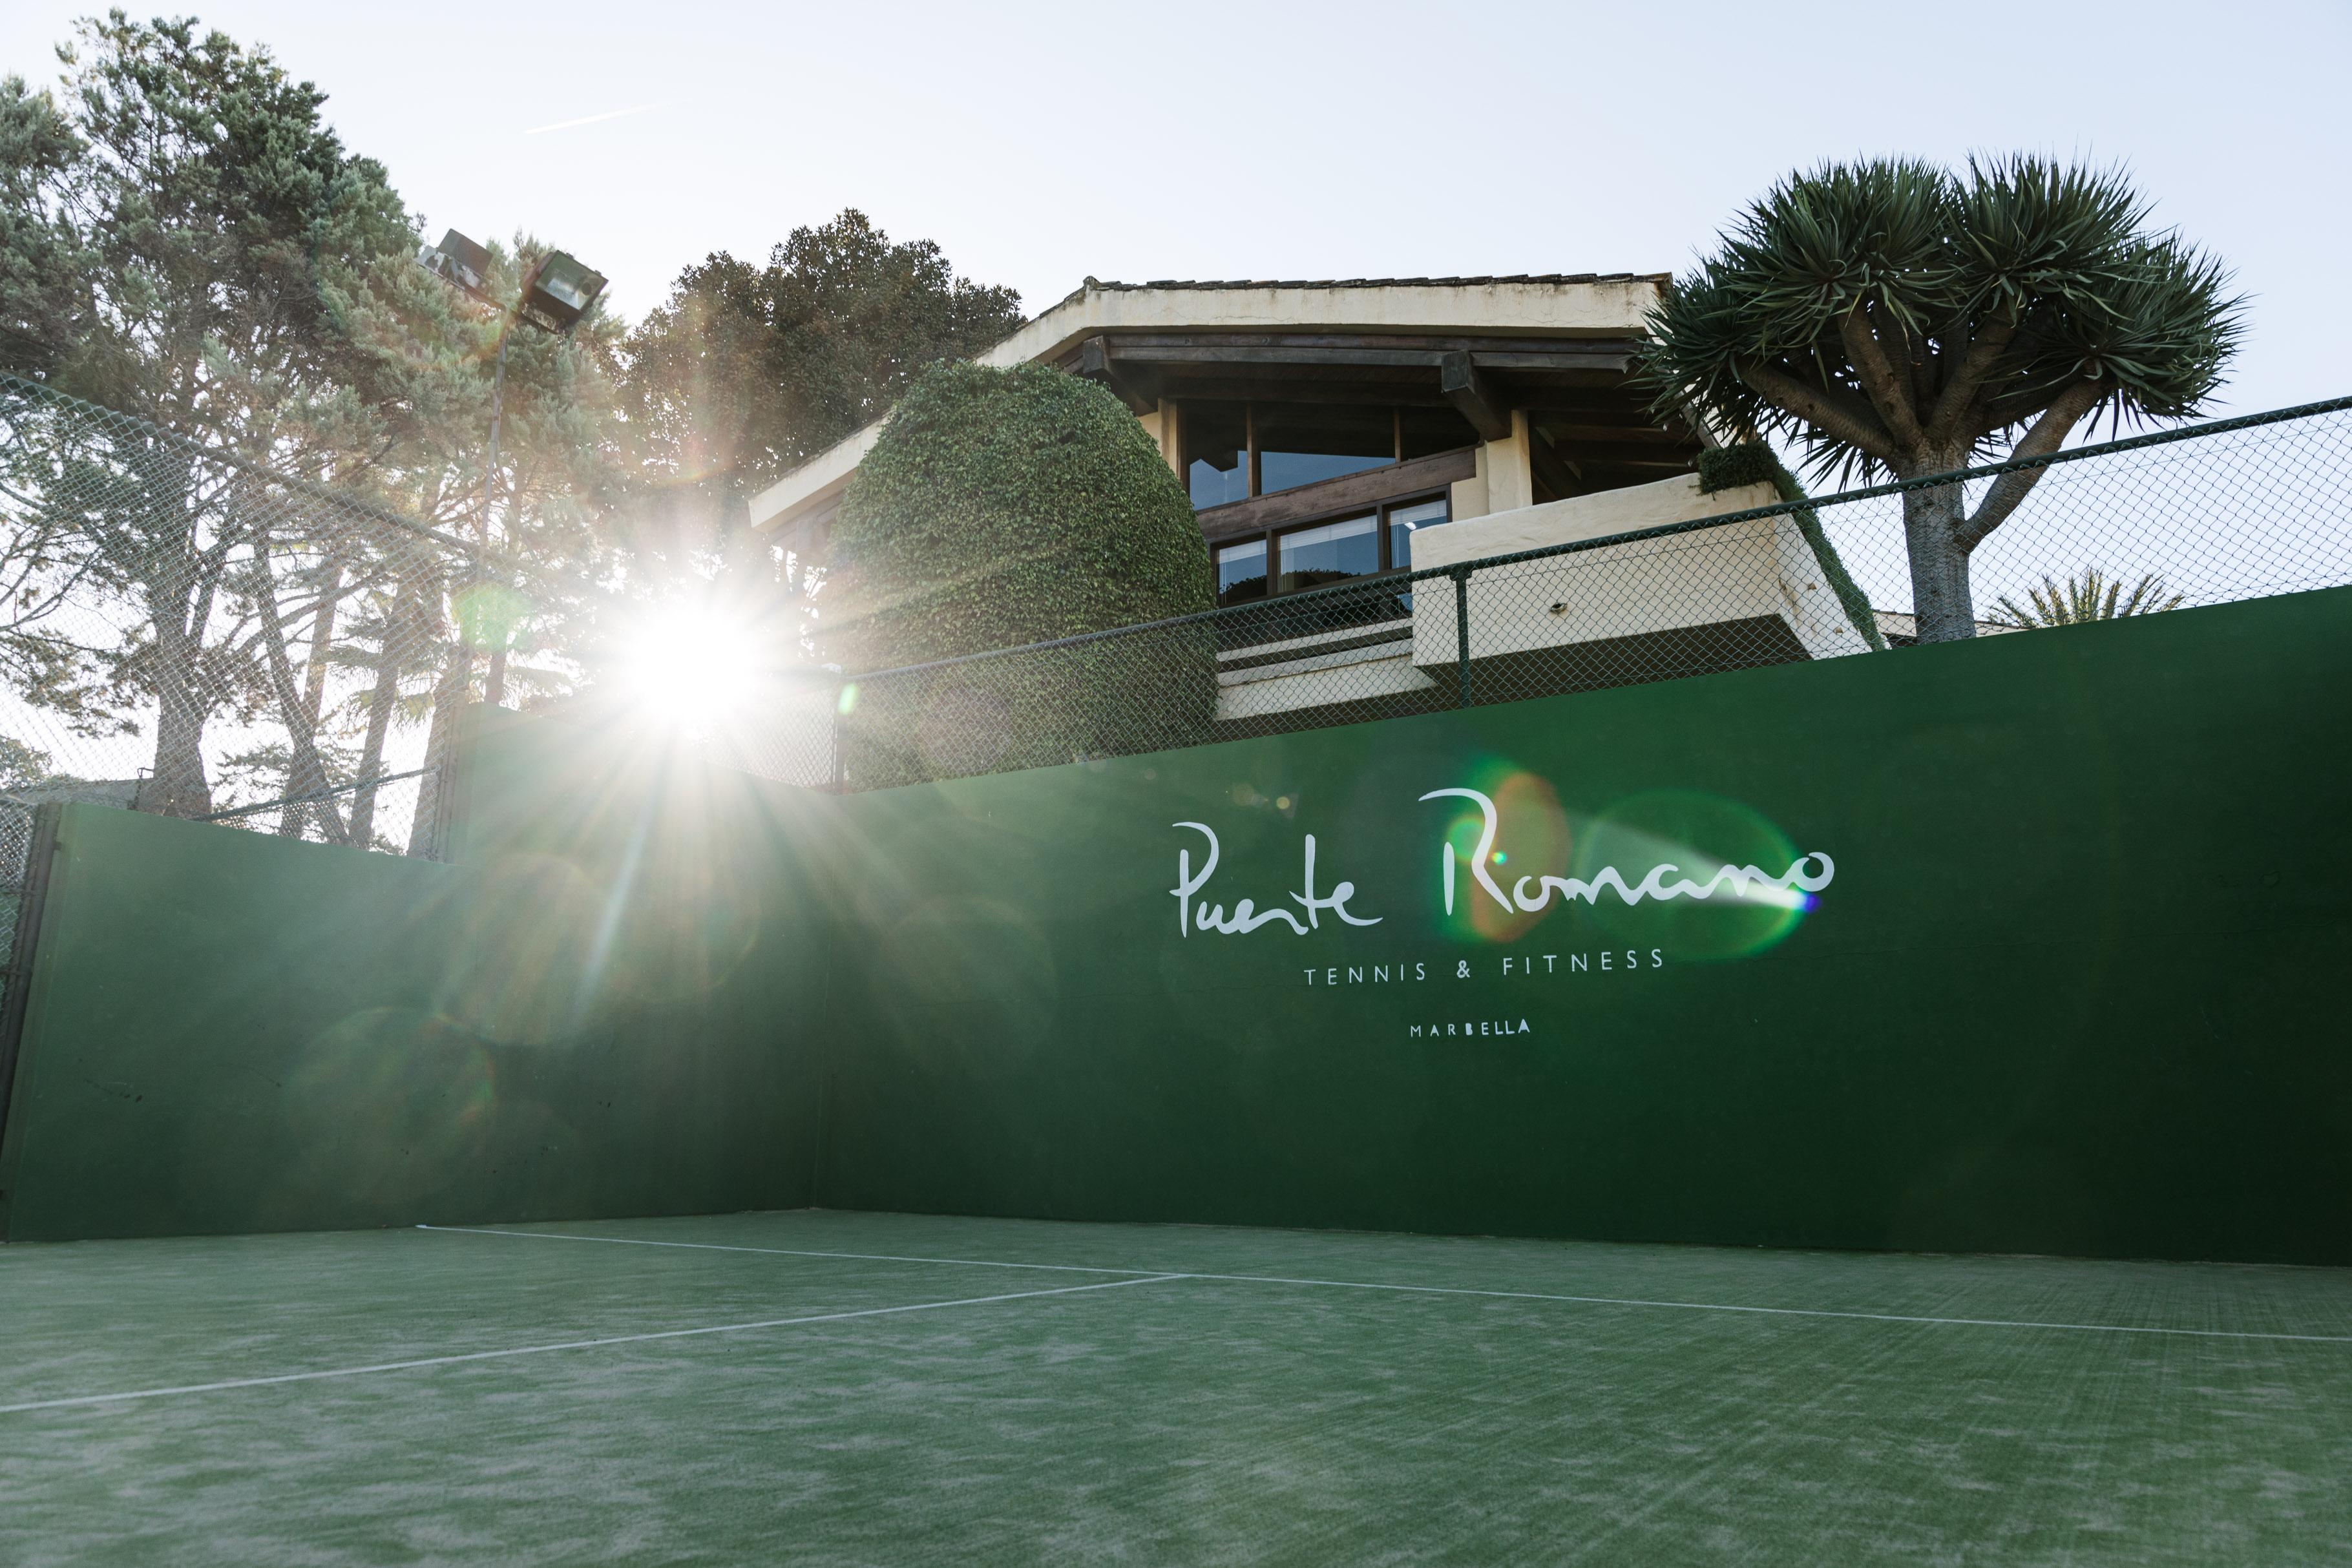 club-de-tenis-puente-romano-8